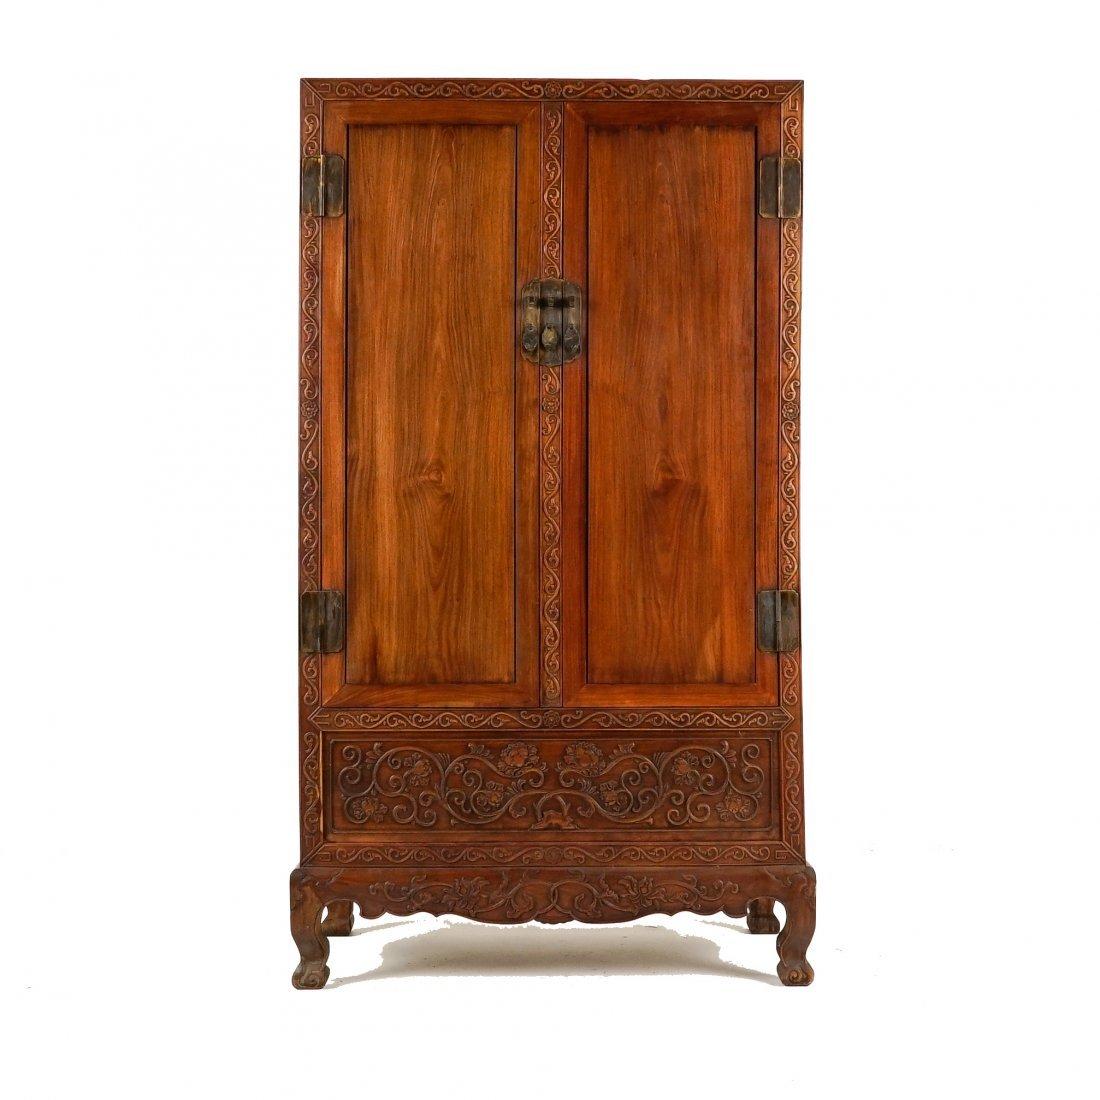 19TH C HUANGHUALI DOUBLE DOOR ARMOIRE